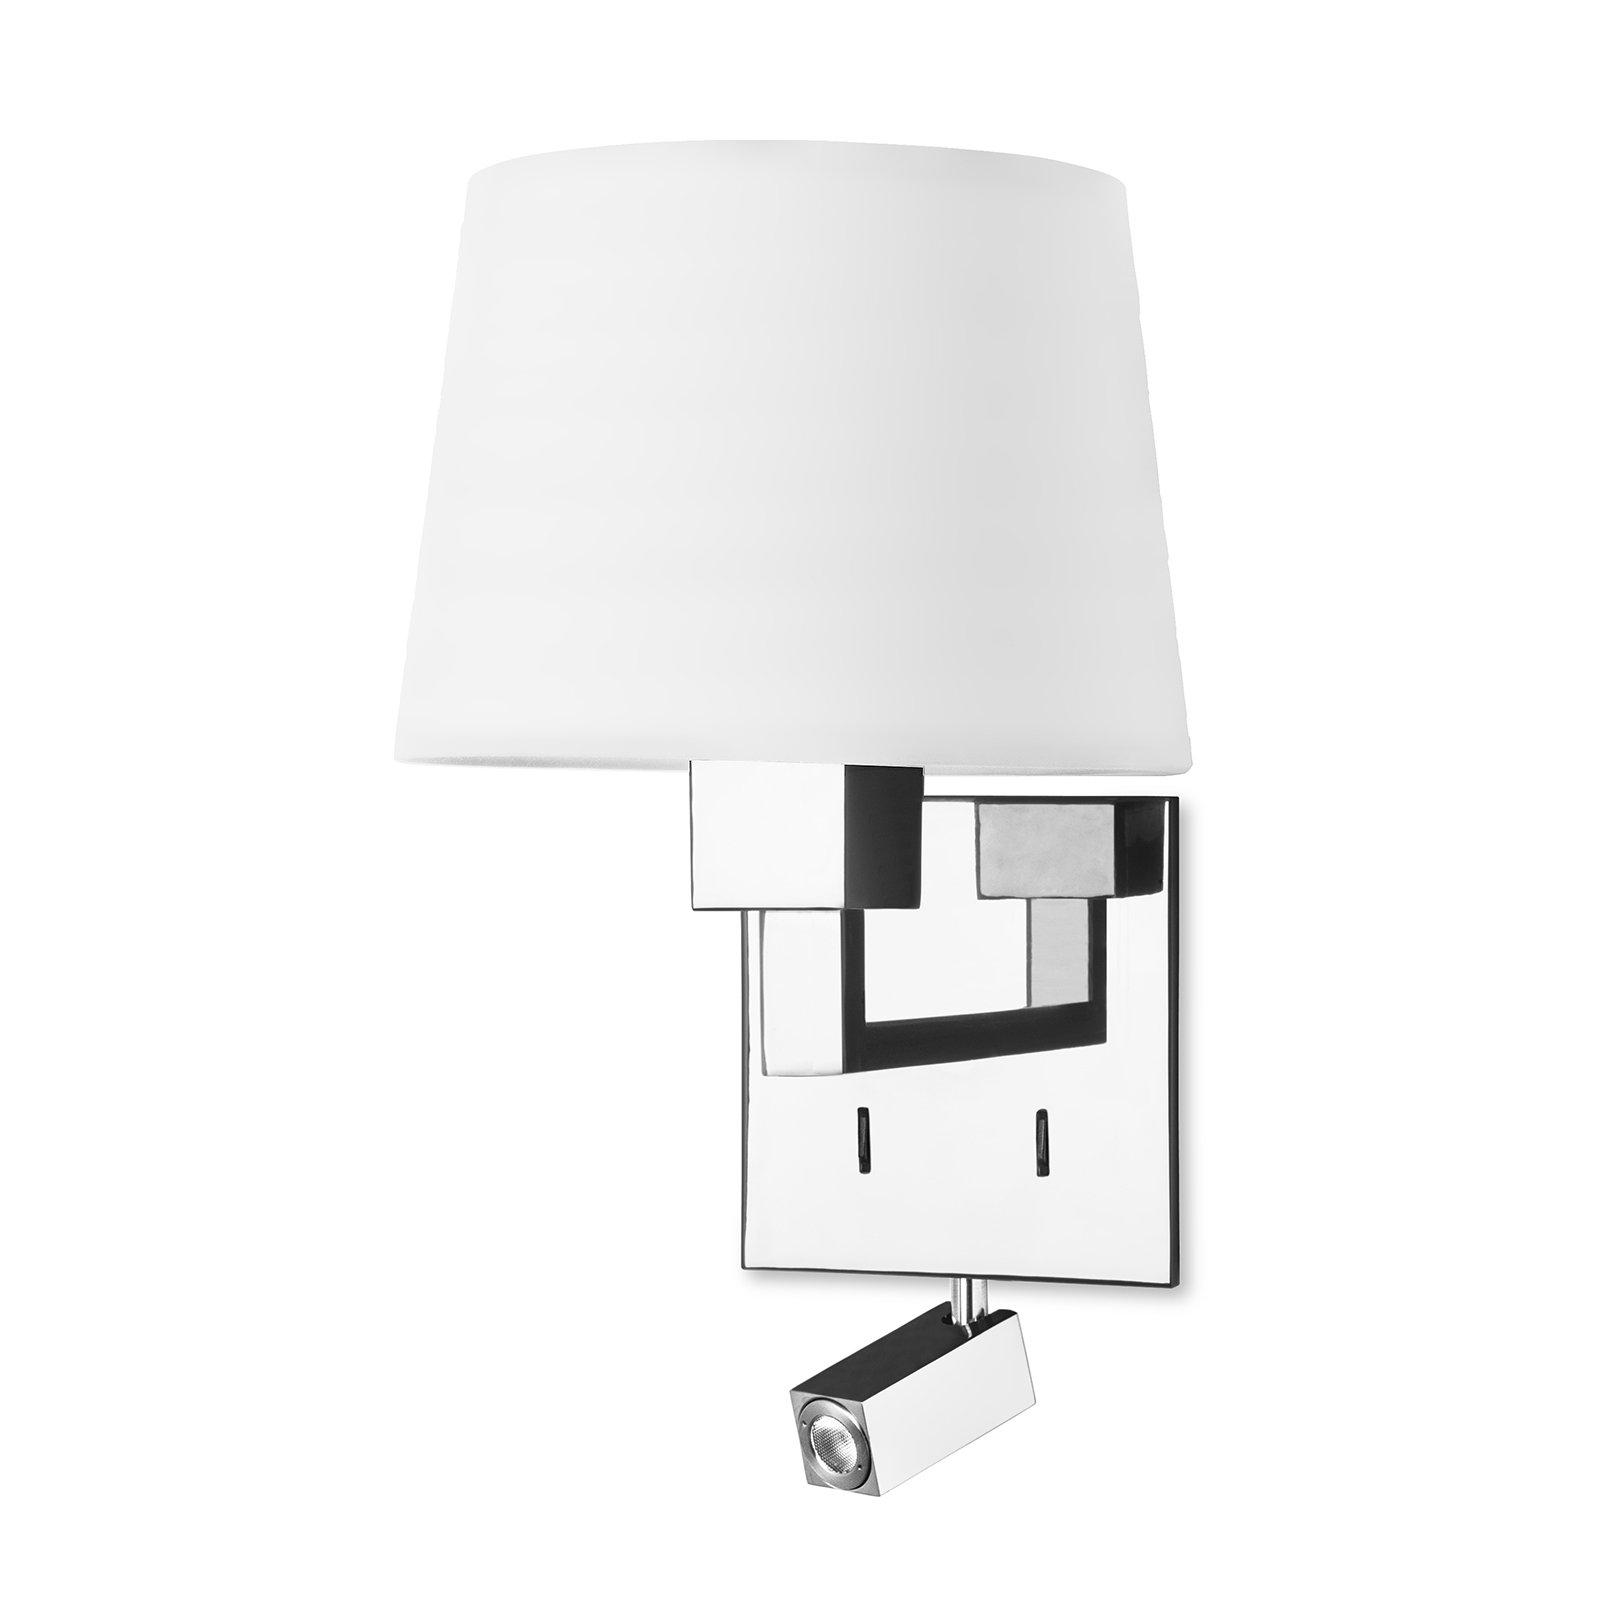 LEDS-C4 Bali vegglampe med hvit skjerm Ø 20 cm